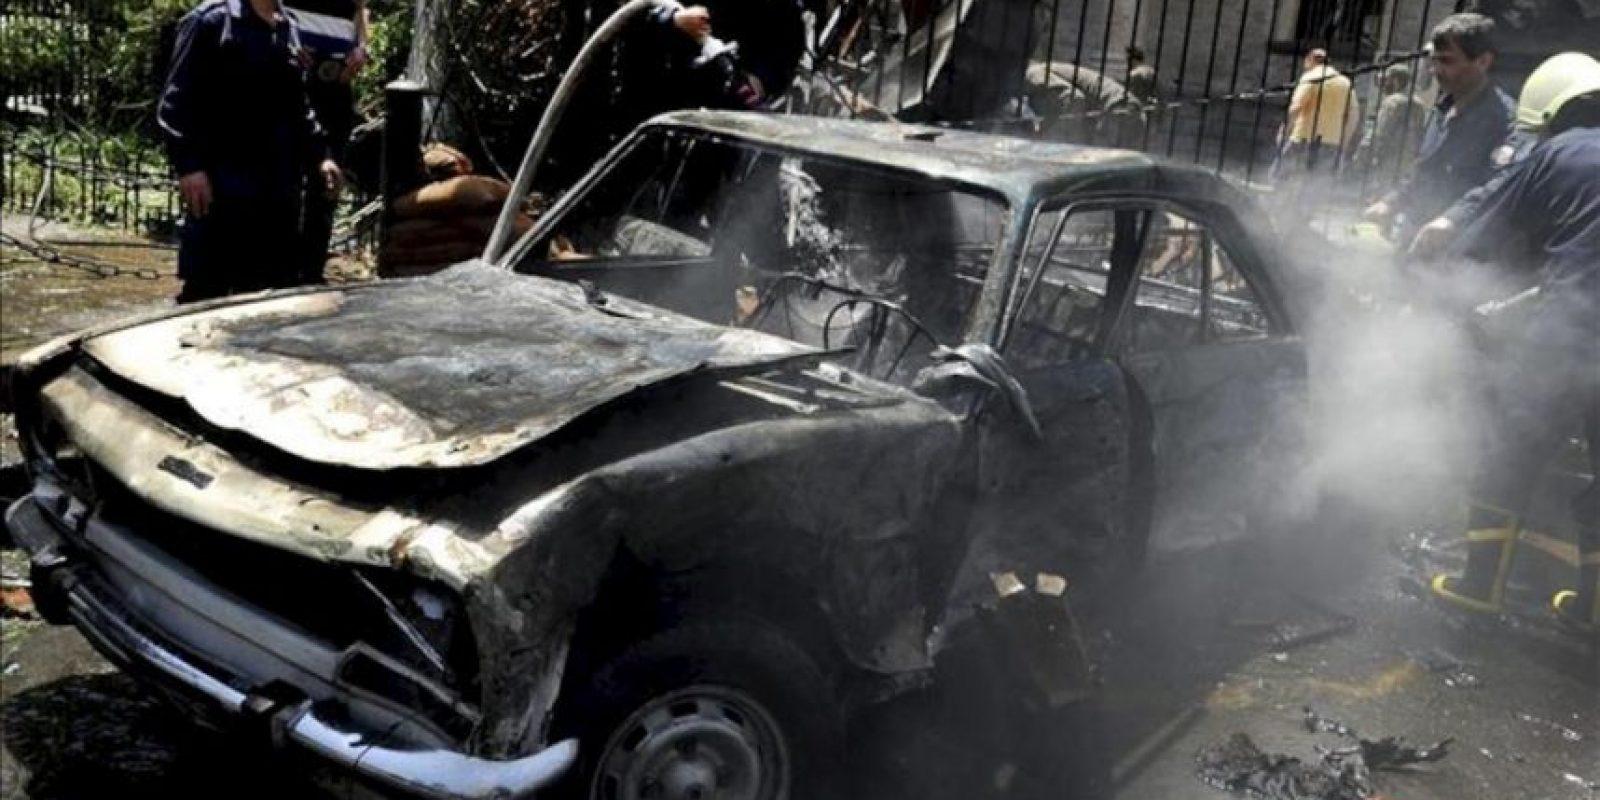 Imagen distribuida por la agencia de noticias siria SANA que muestra un grupo de bomberos tratando de apagar el incendio de un vehículo tras la explosión de un coche bomba en el centro de Damasco, Siria. EFE/Sana